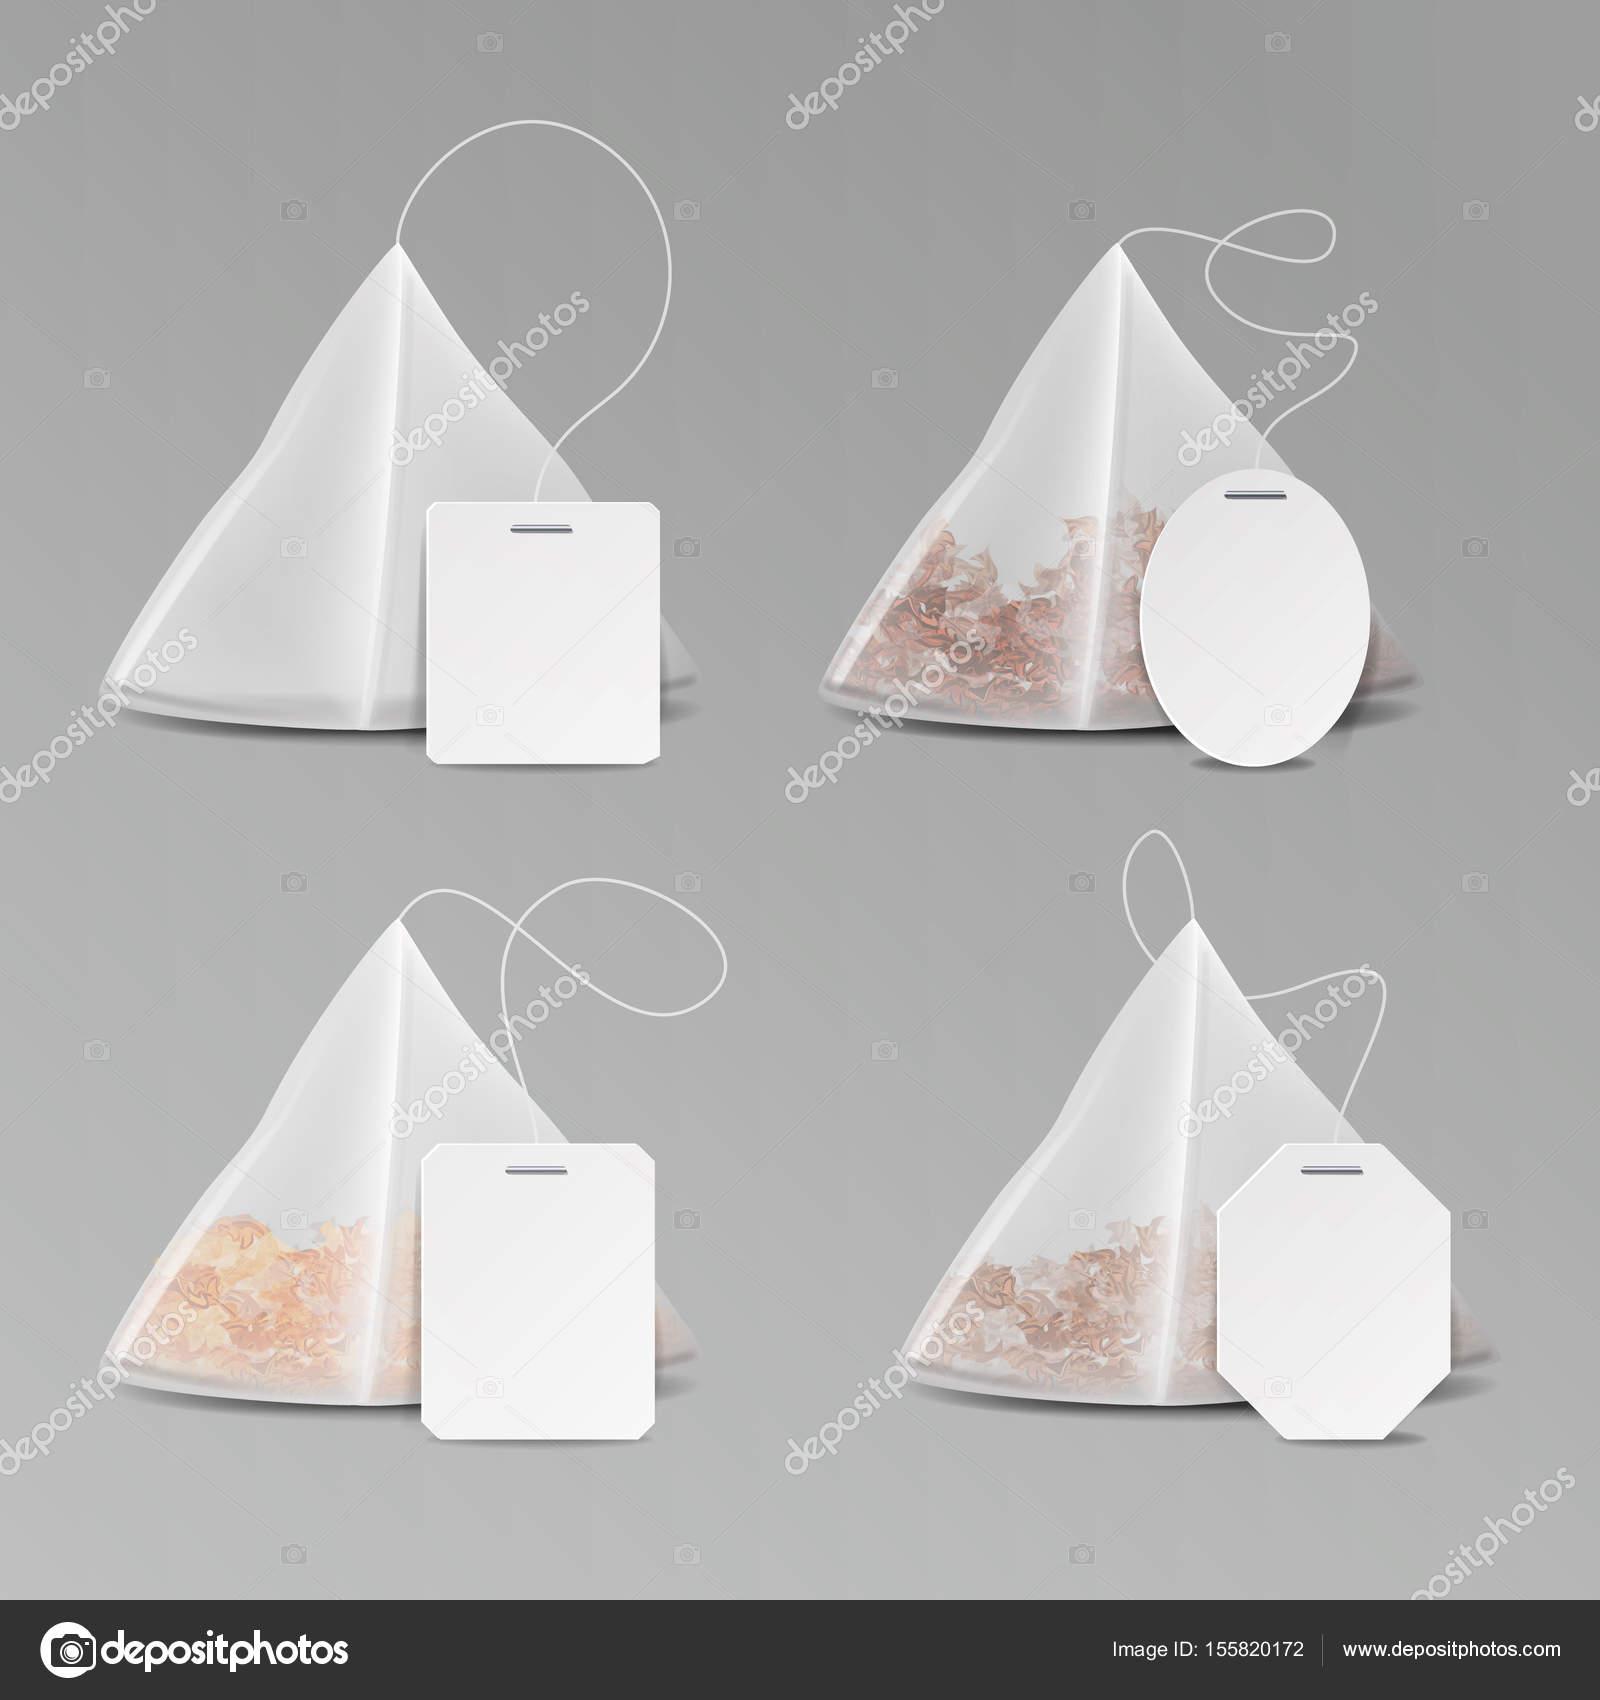 jeu pyramide forme sachet de th maquette avec la place. Black Bedroom Furniture Sets. Home Design Ideas